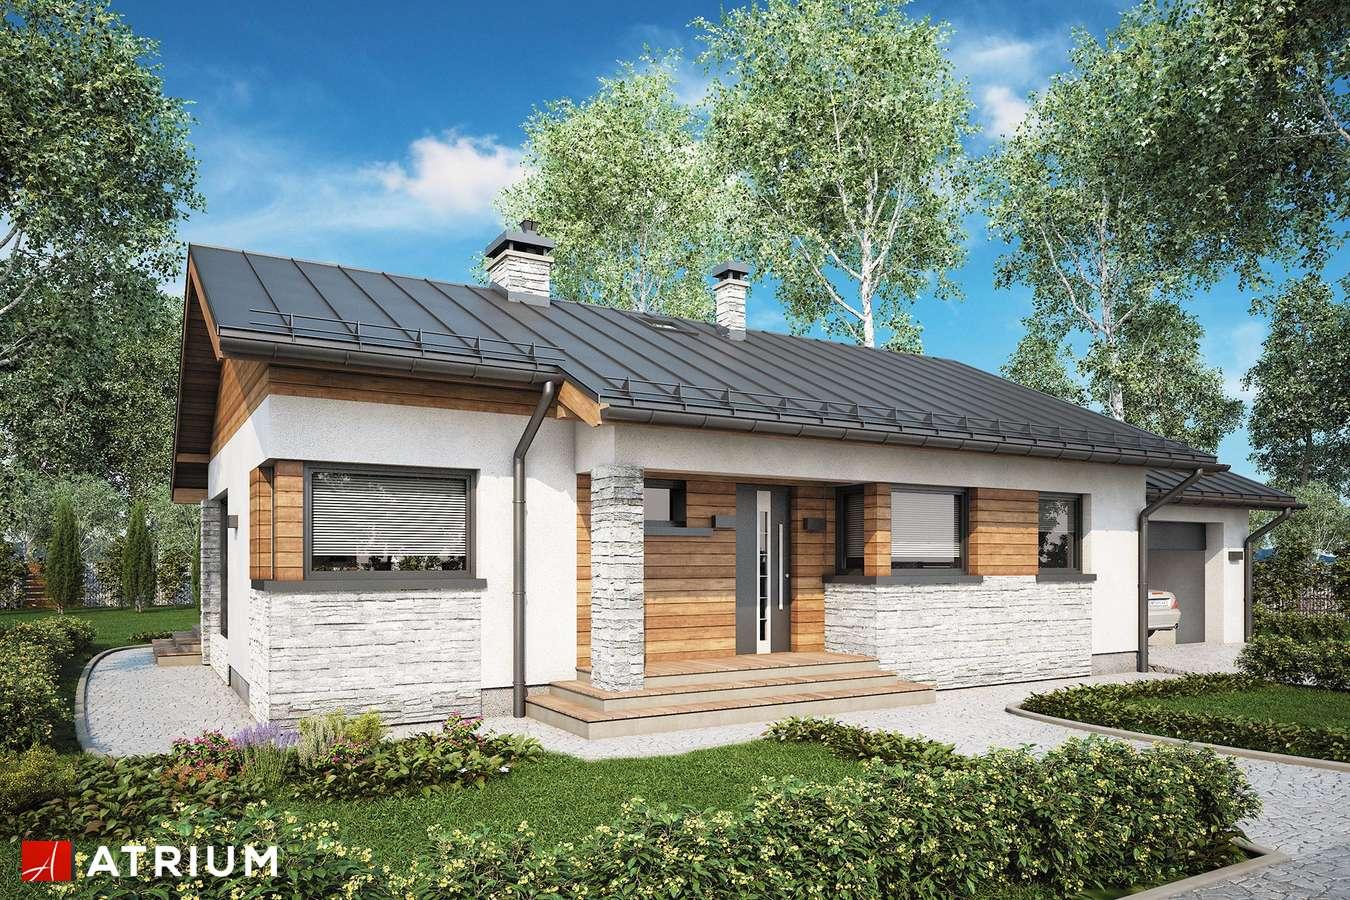 Projekty domów - Projekt domu parterowego ROBERTO II SZ - wizualizacja 2 - wersja lustrzana